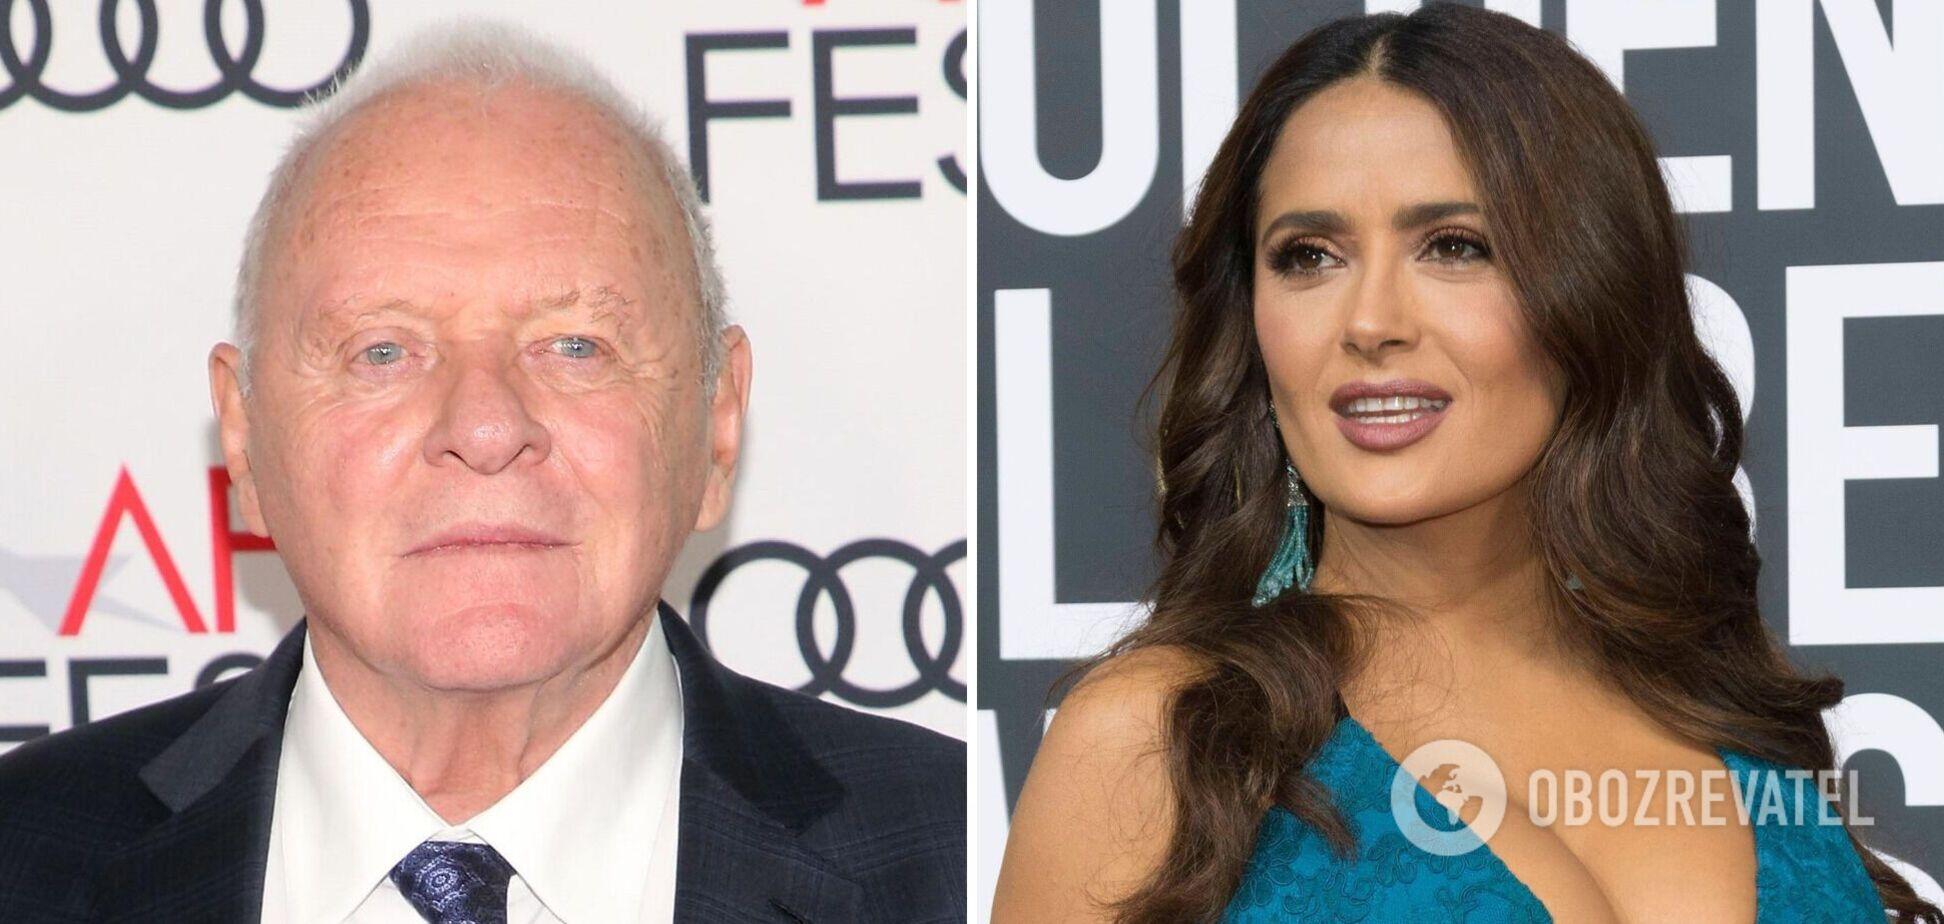 Энтони Хопкинс и Сальма Хайек отметили 'Оскар' актера танцем. Видео